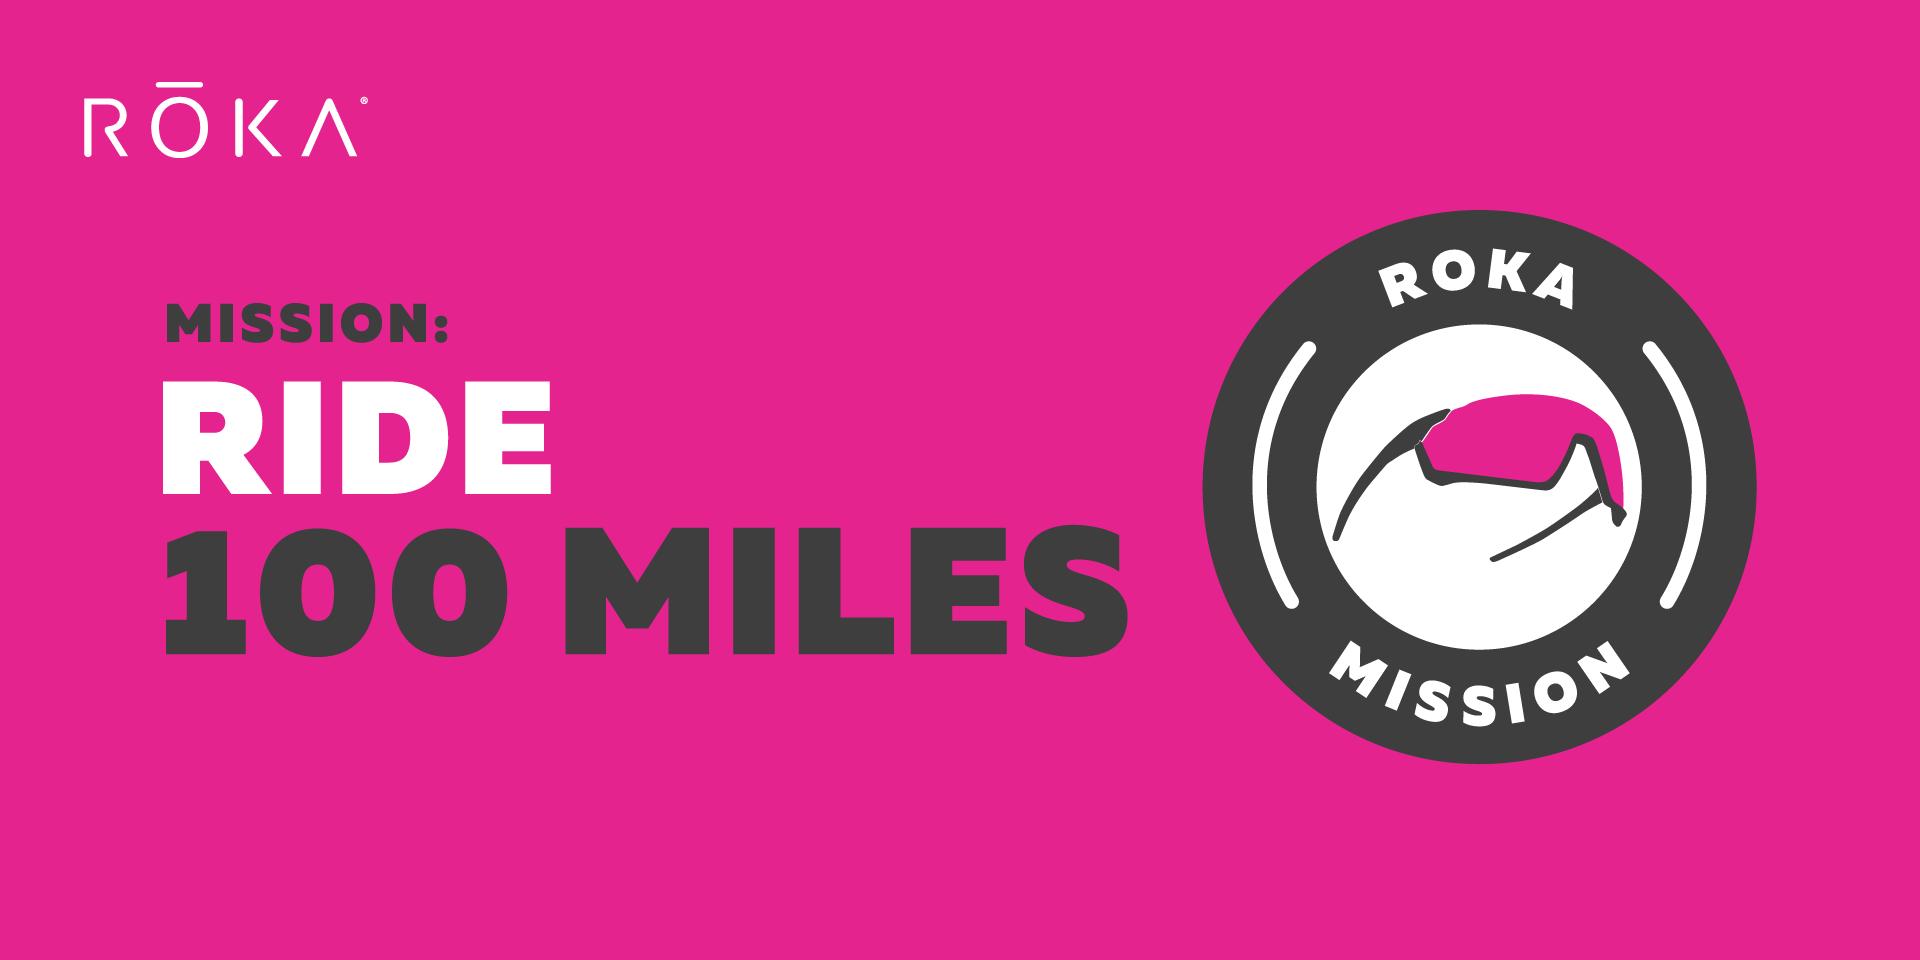 Roka Mission Ride 100 Miles